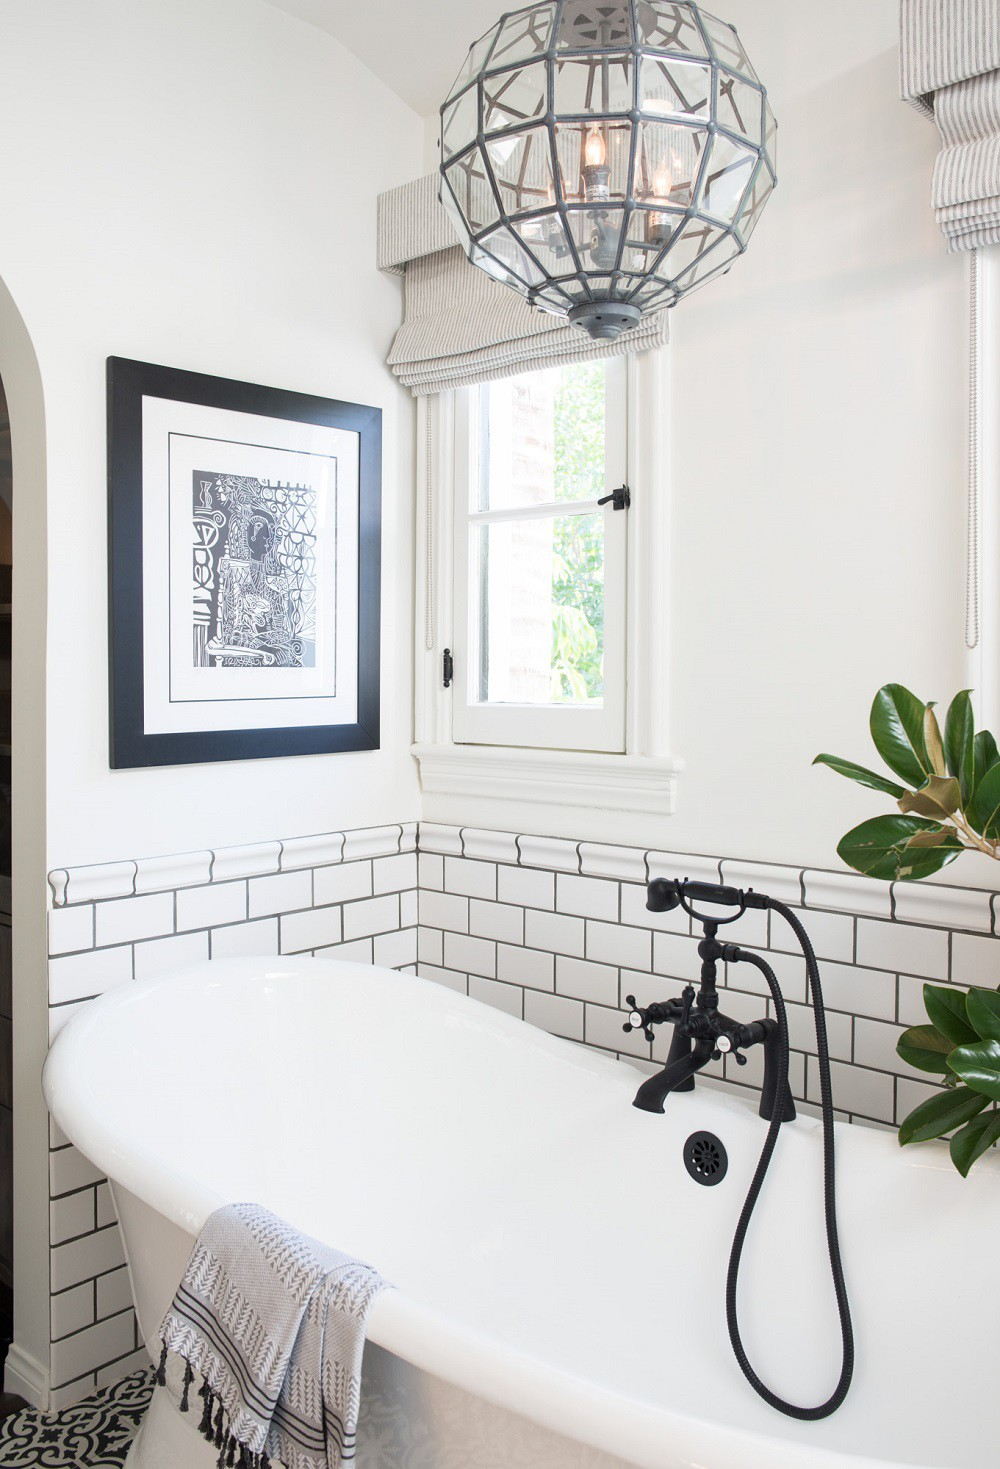 Cận cảnh 3 thiết kế phòng tắm được hồi sinh theo phong cách Tây Ban Nha thập niên 1930 nhờ các vật liệu công nghiệp - Ảnh 5.